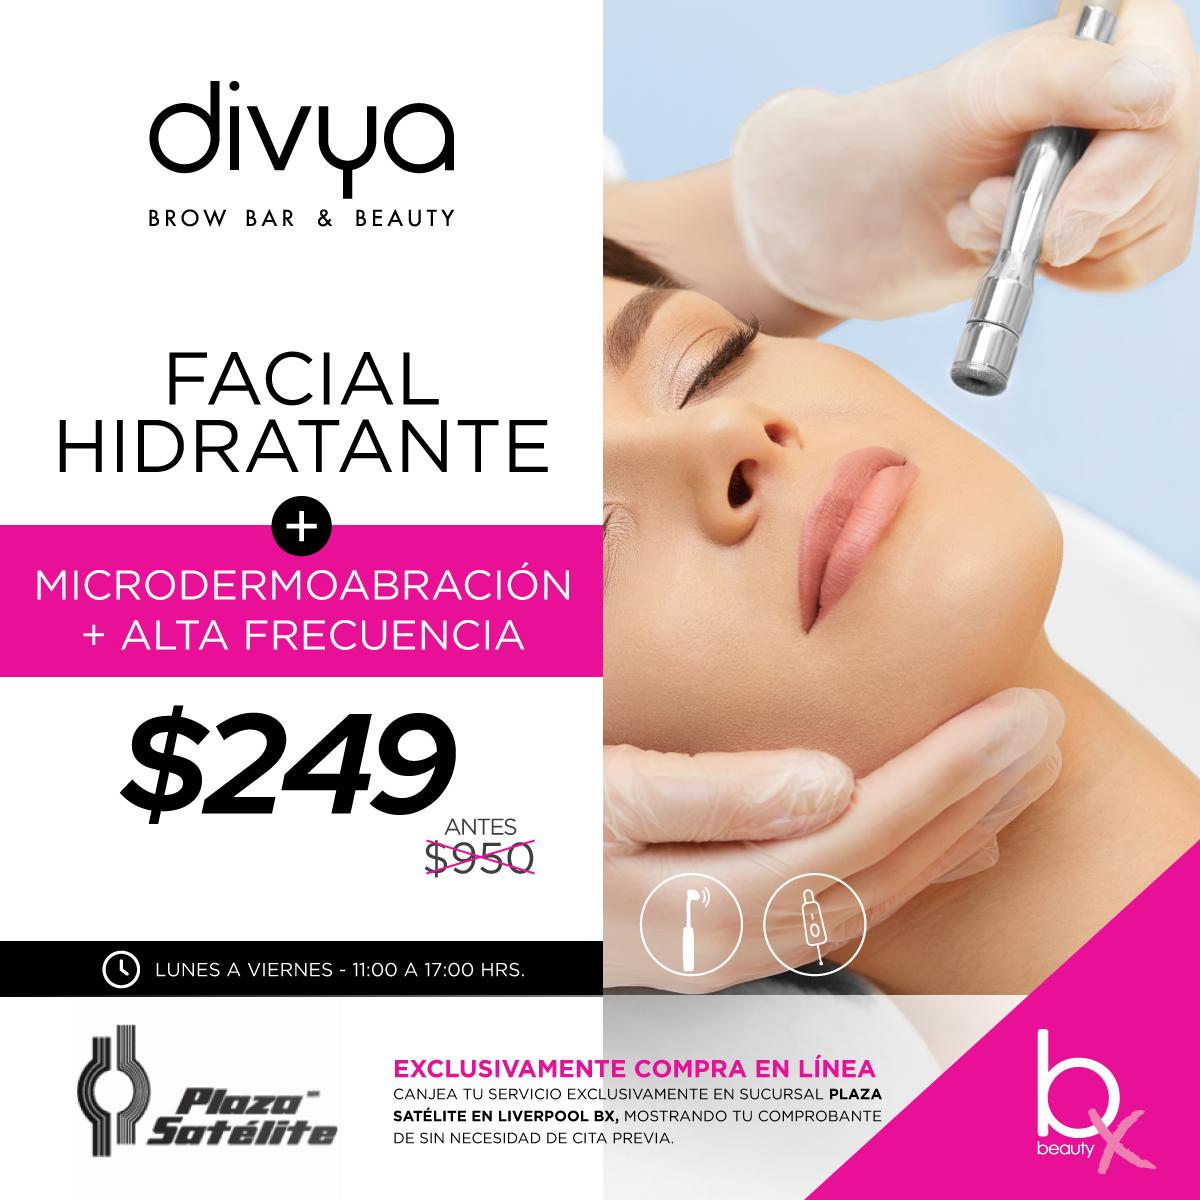 Facial + Microdermobrasión y Alta Frecuencia- SÓLO LIVERPOOL BX PLAZA SATÉLITE&w=900&h=900&fit=crop